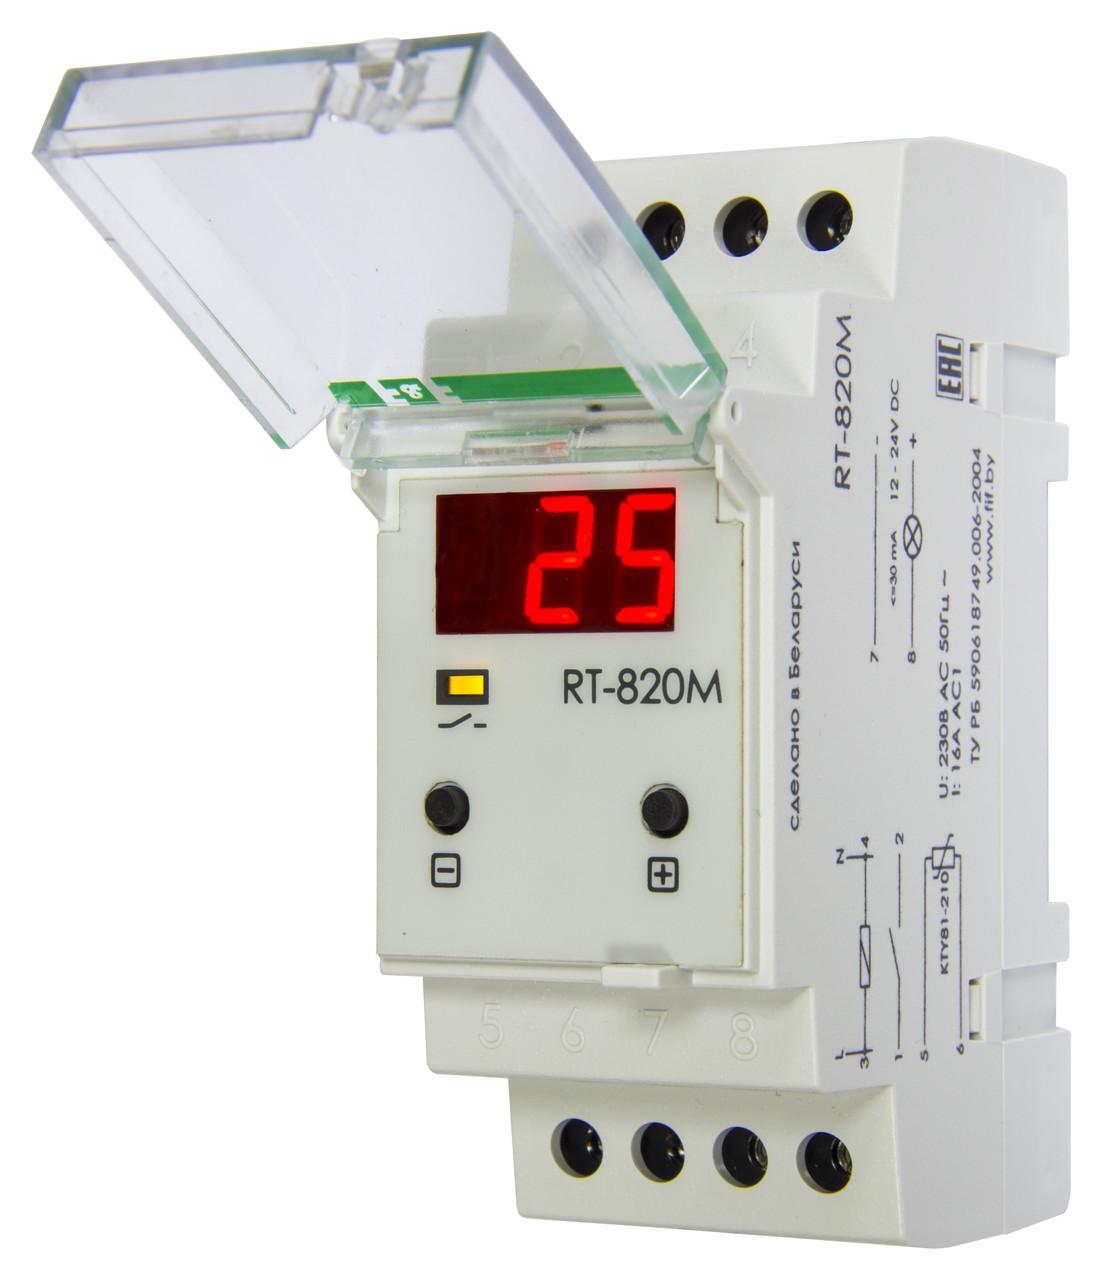 RT-820M Цифровые многофункциональные регуляторы температуры